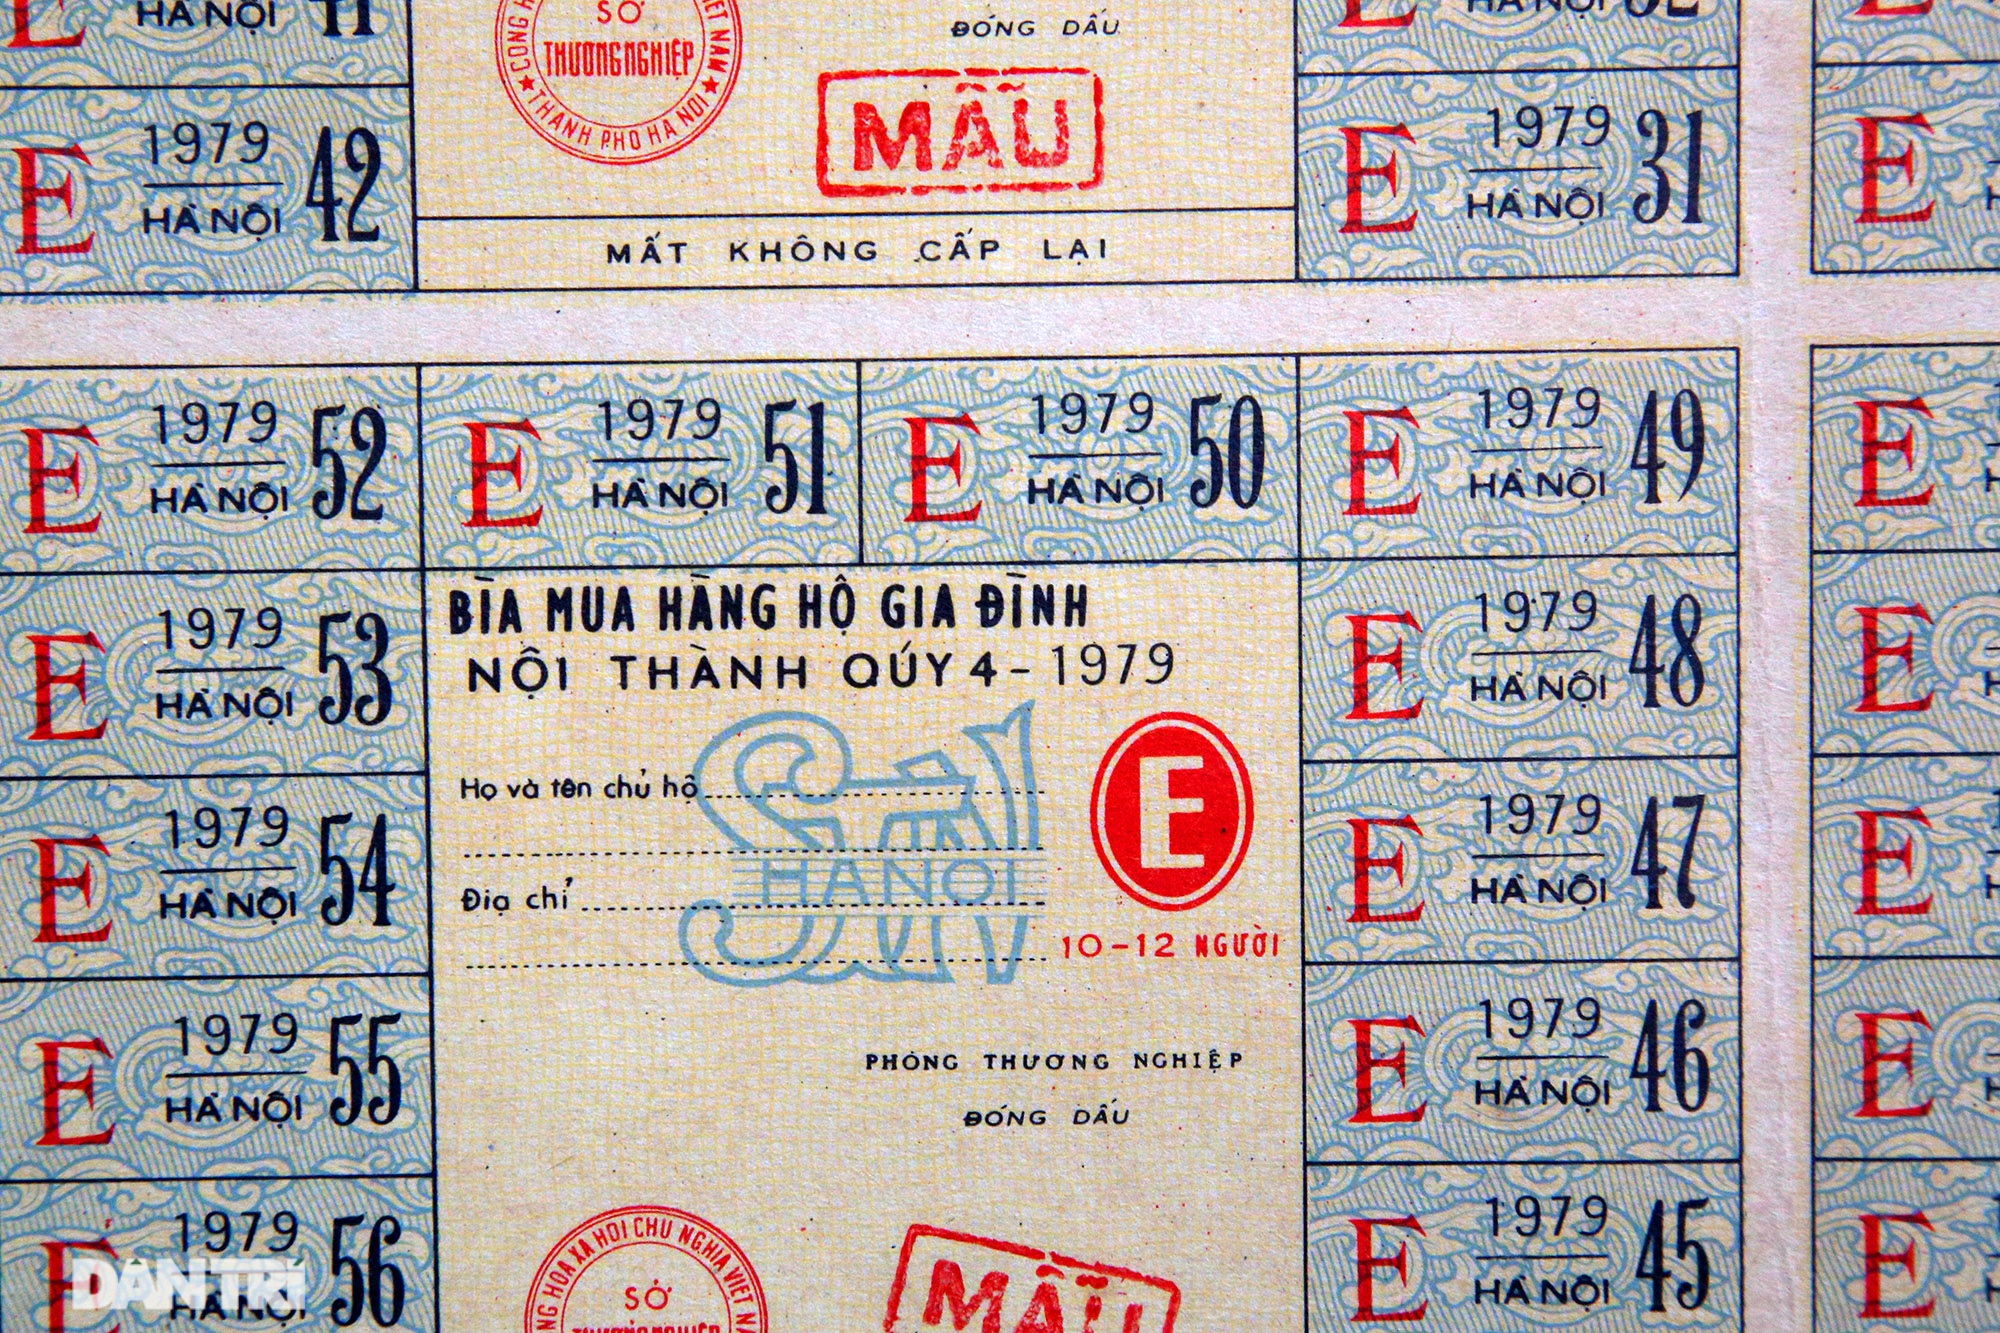 Ký ức gian khó qua bộ sưu tập tem phiếu, sổ gạo thời bao cấp - 13